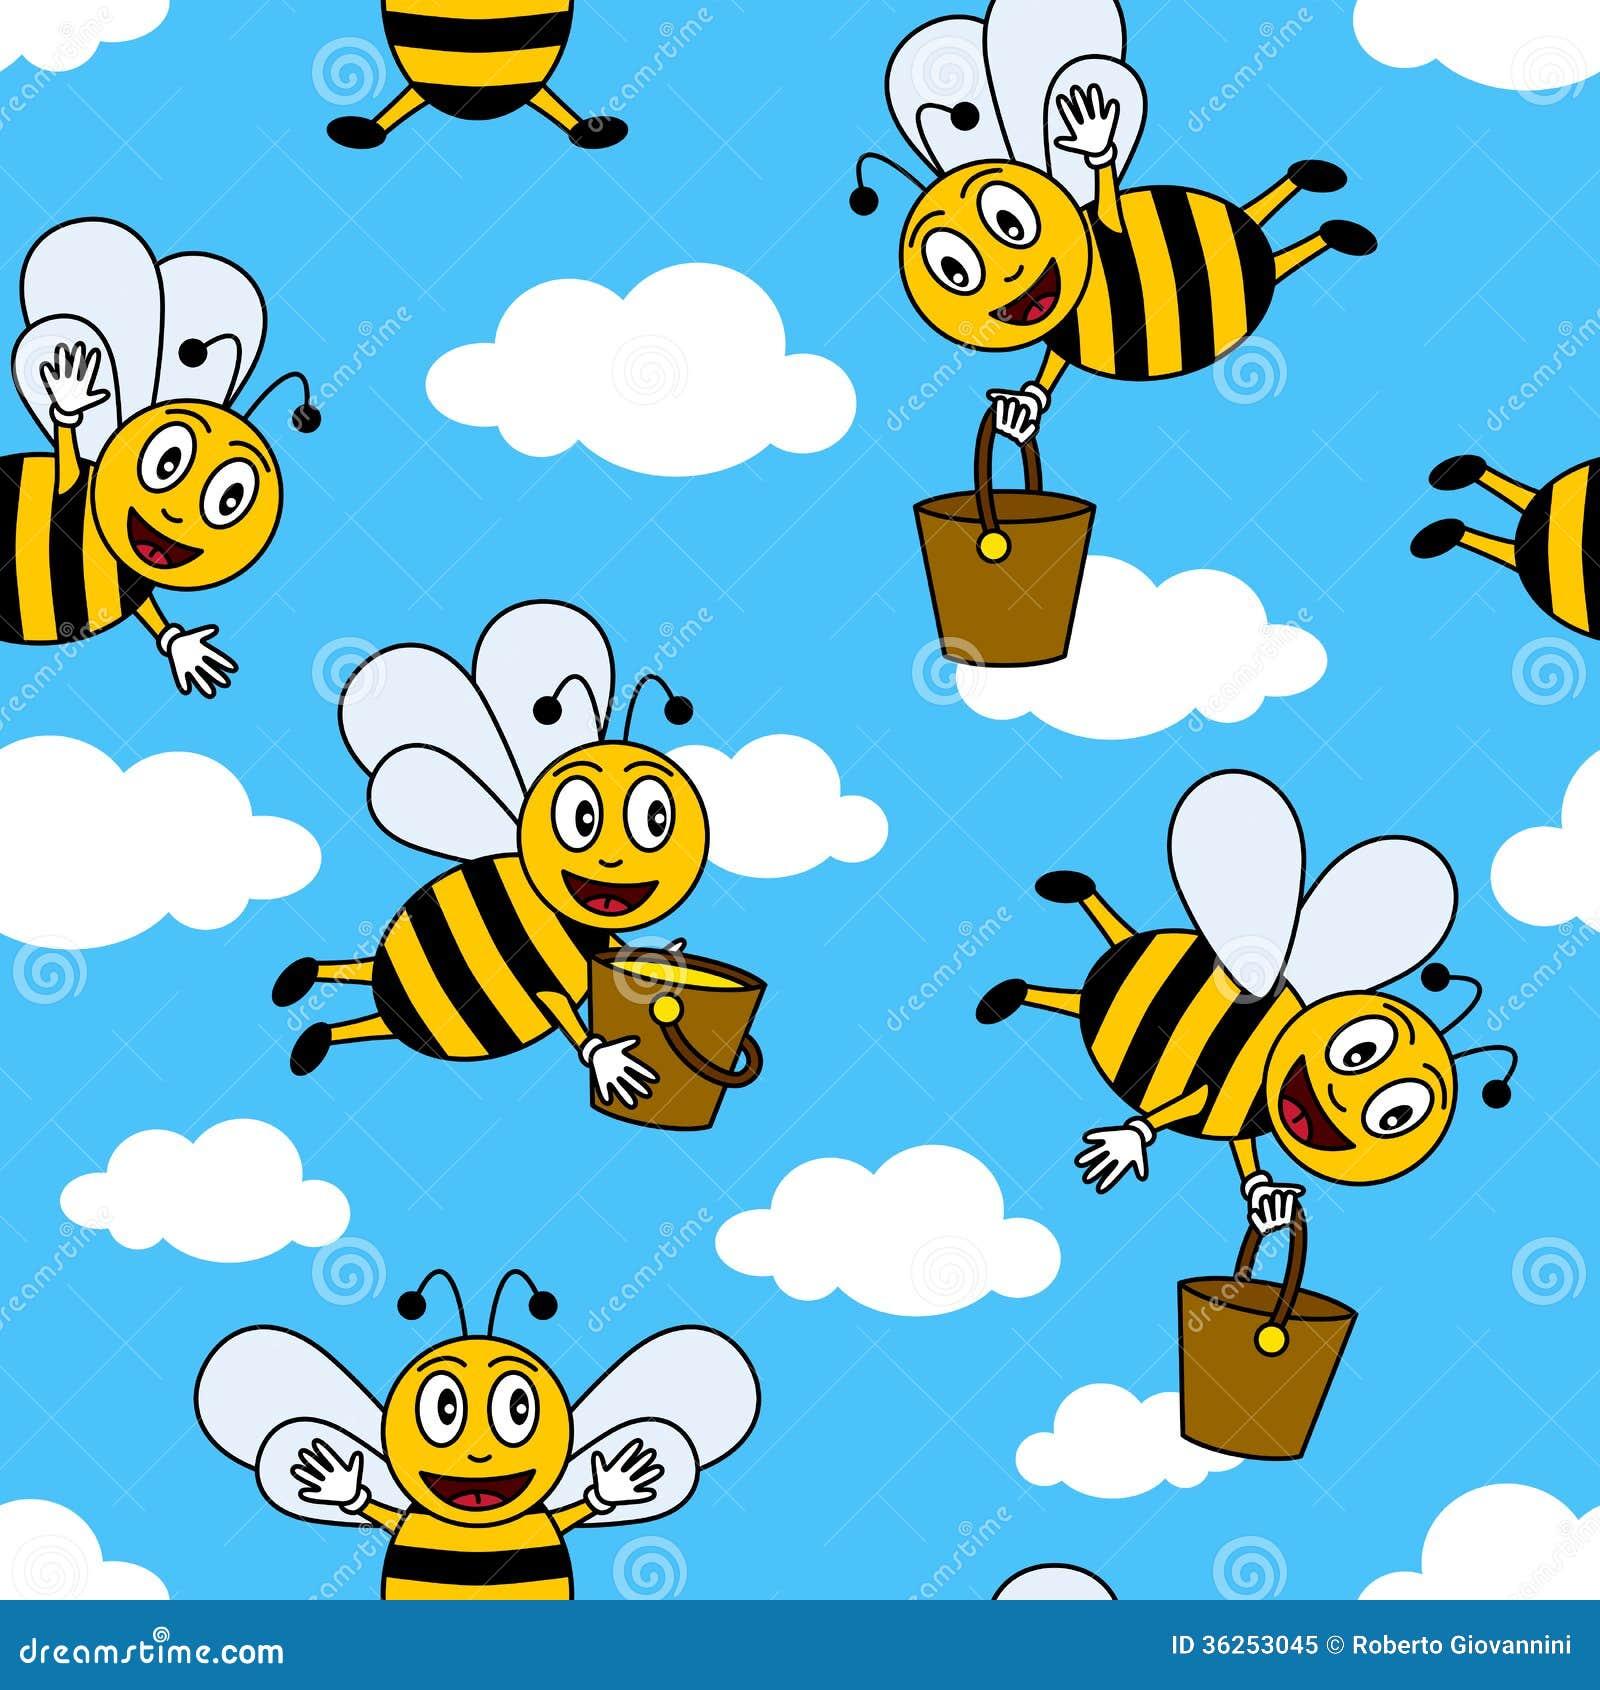 Cartoon bees flying - photo#14